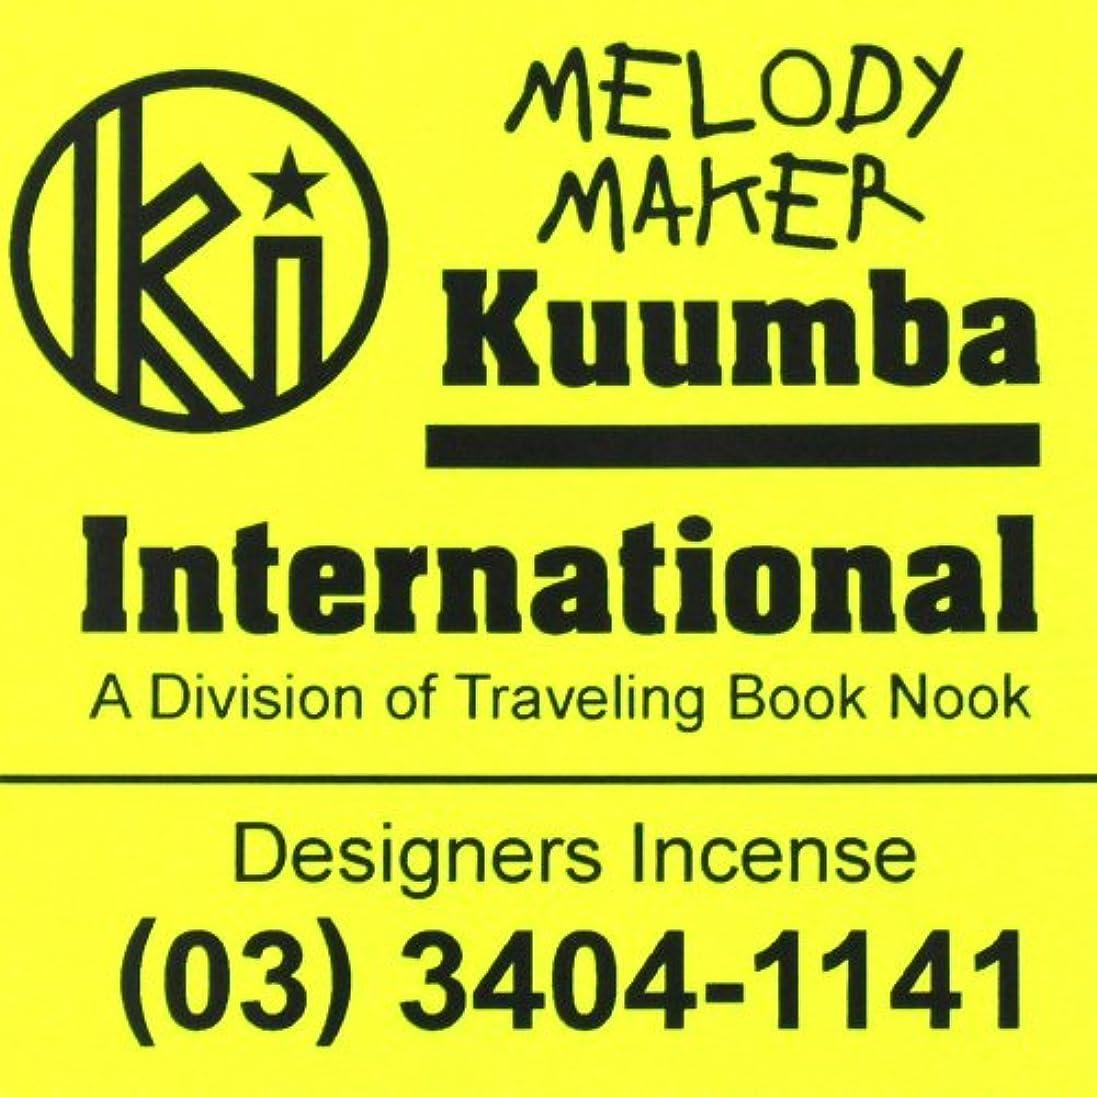 アッパータンパク質タンパク質(クンバ) KUUMBA『classic regular incense』(MELODY MAKER) (Regular size)